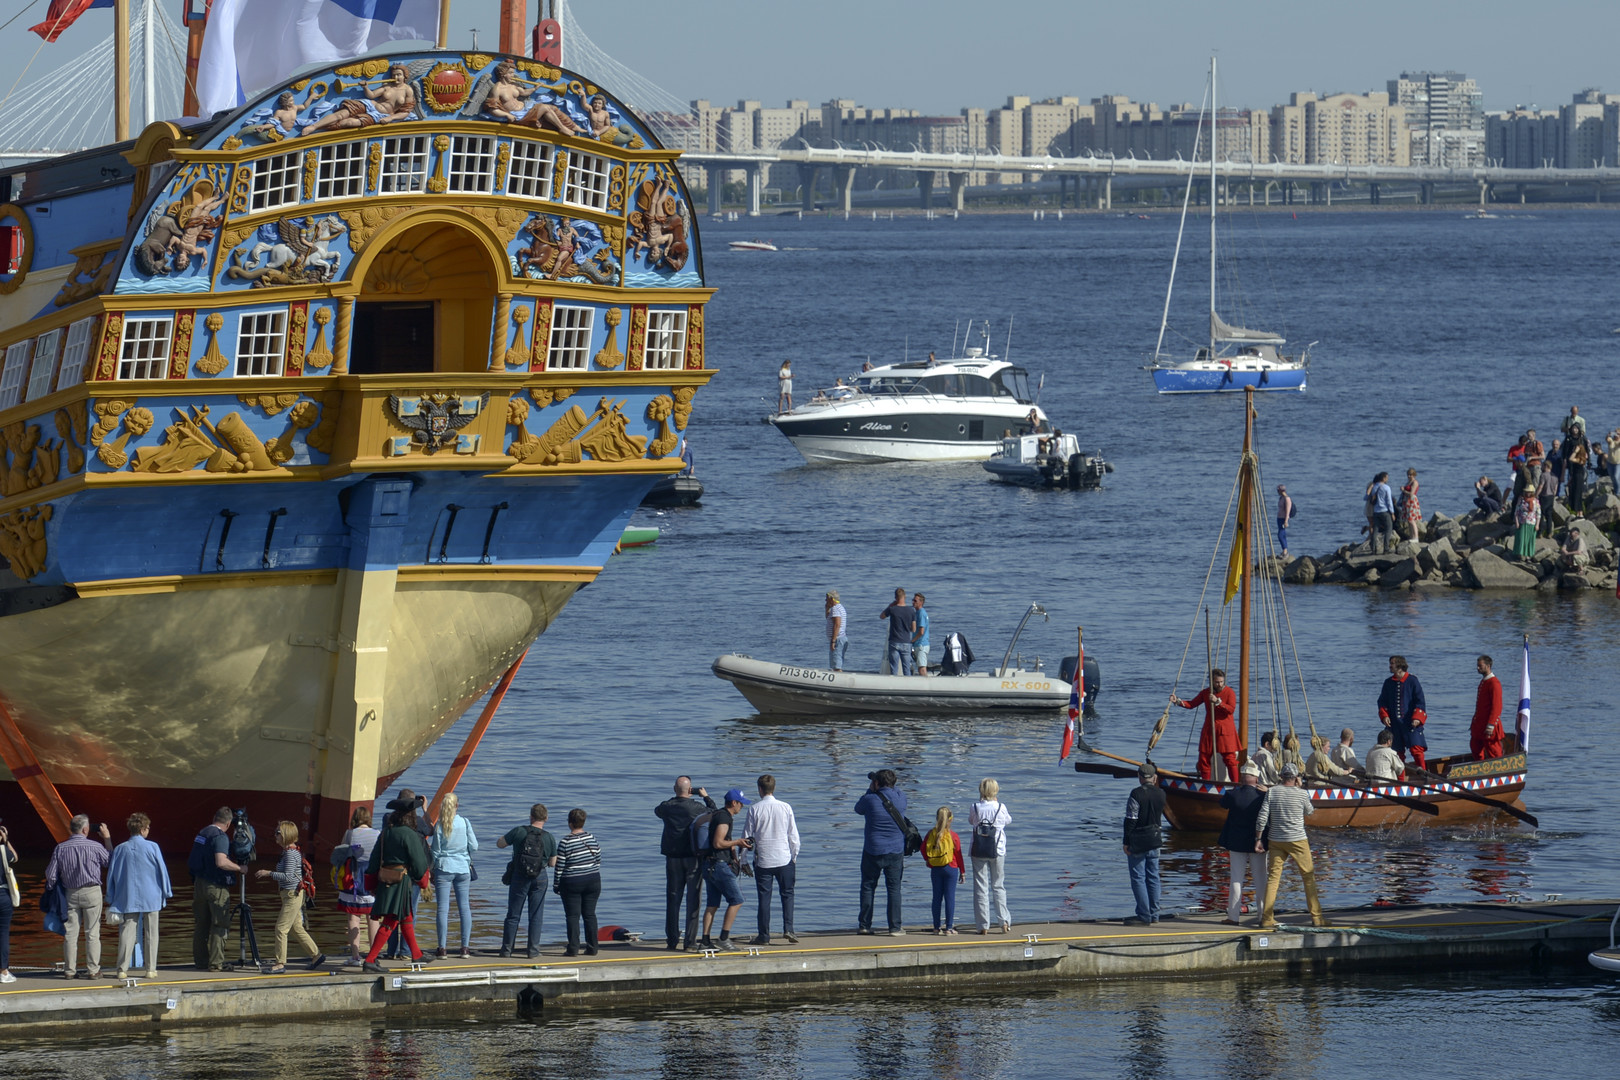 إنزال نسخة من سفينة بطرس الأكبر إلى الماء